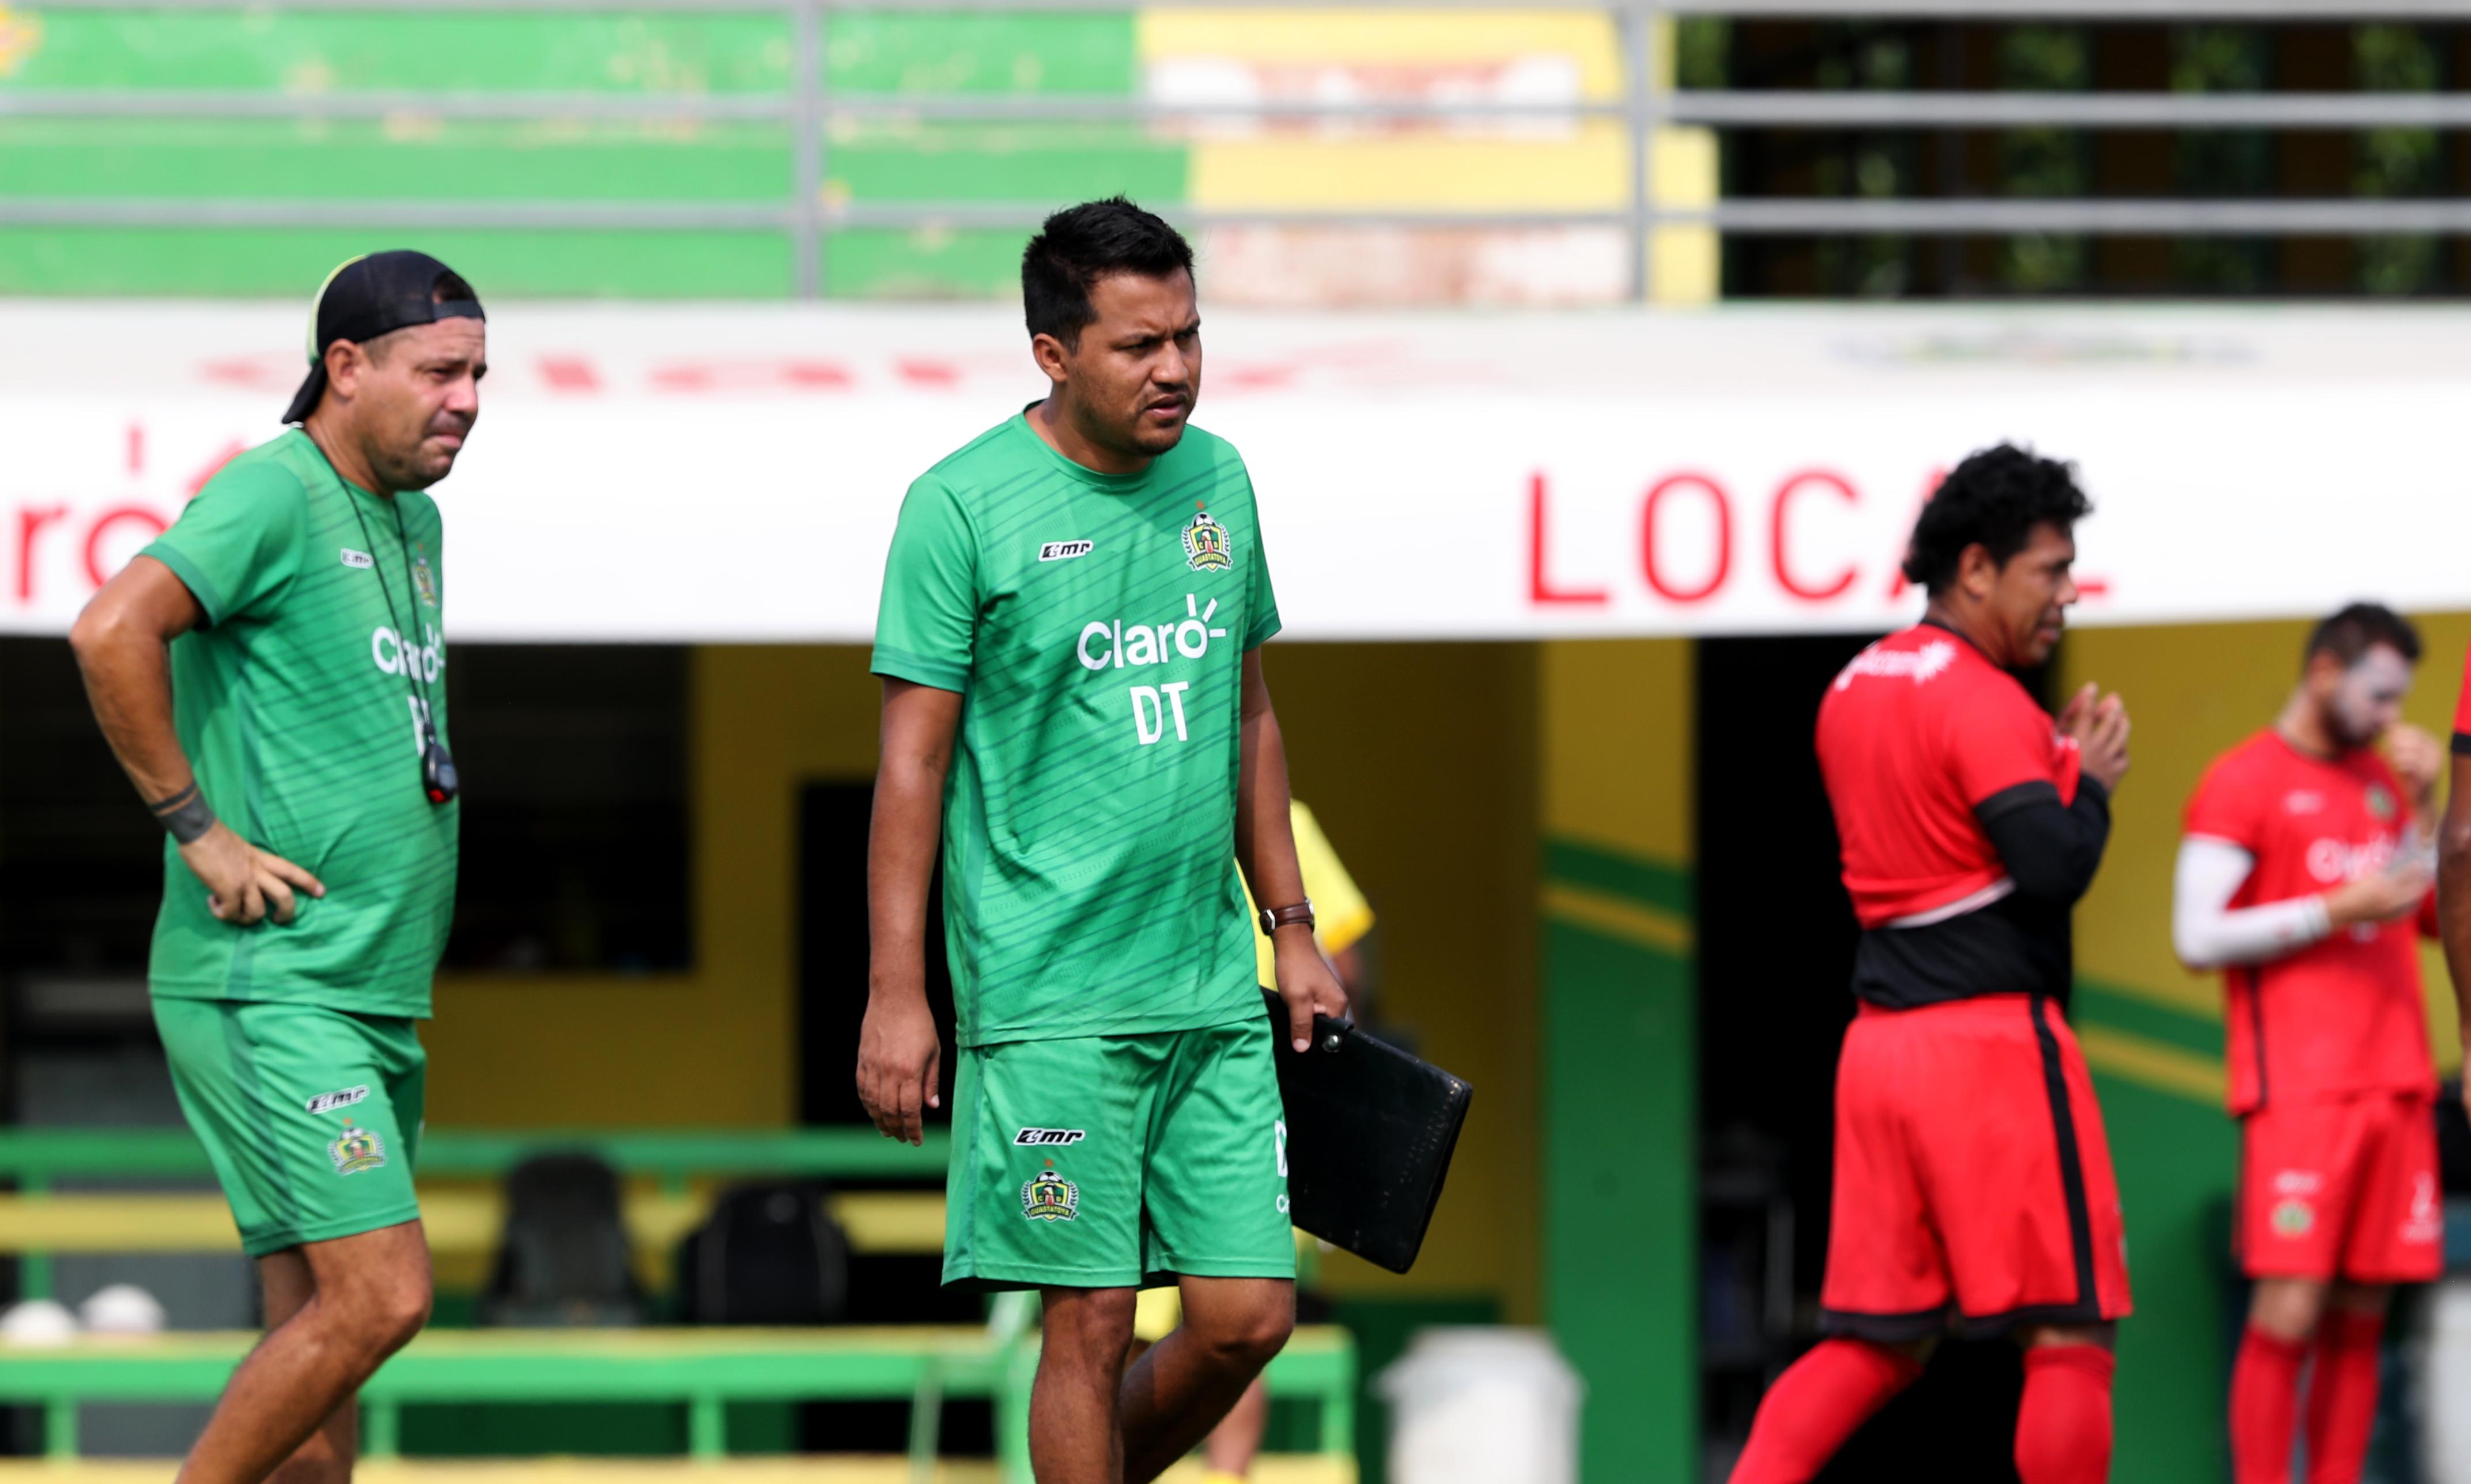 Amarini Villatoro, captado durante el entrenamiento de Guastatoya, efectuado este martes en el David Cordón. (Foto Prensa Libre: Francisco Sánchez).